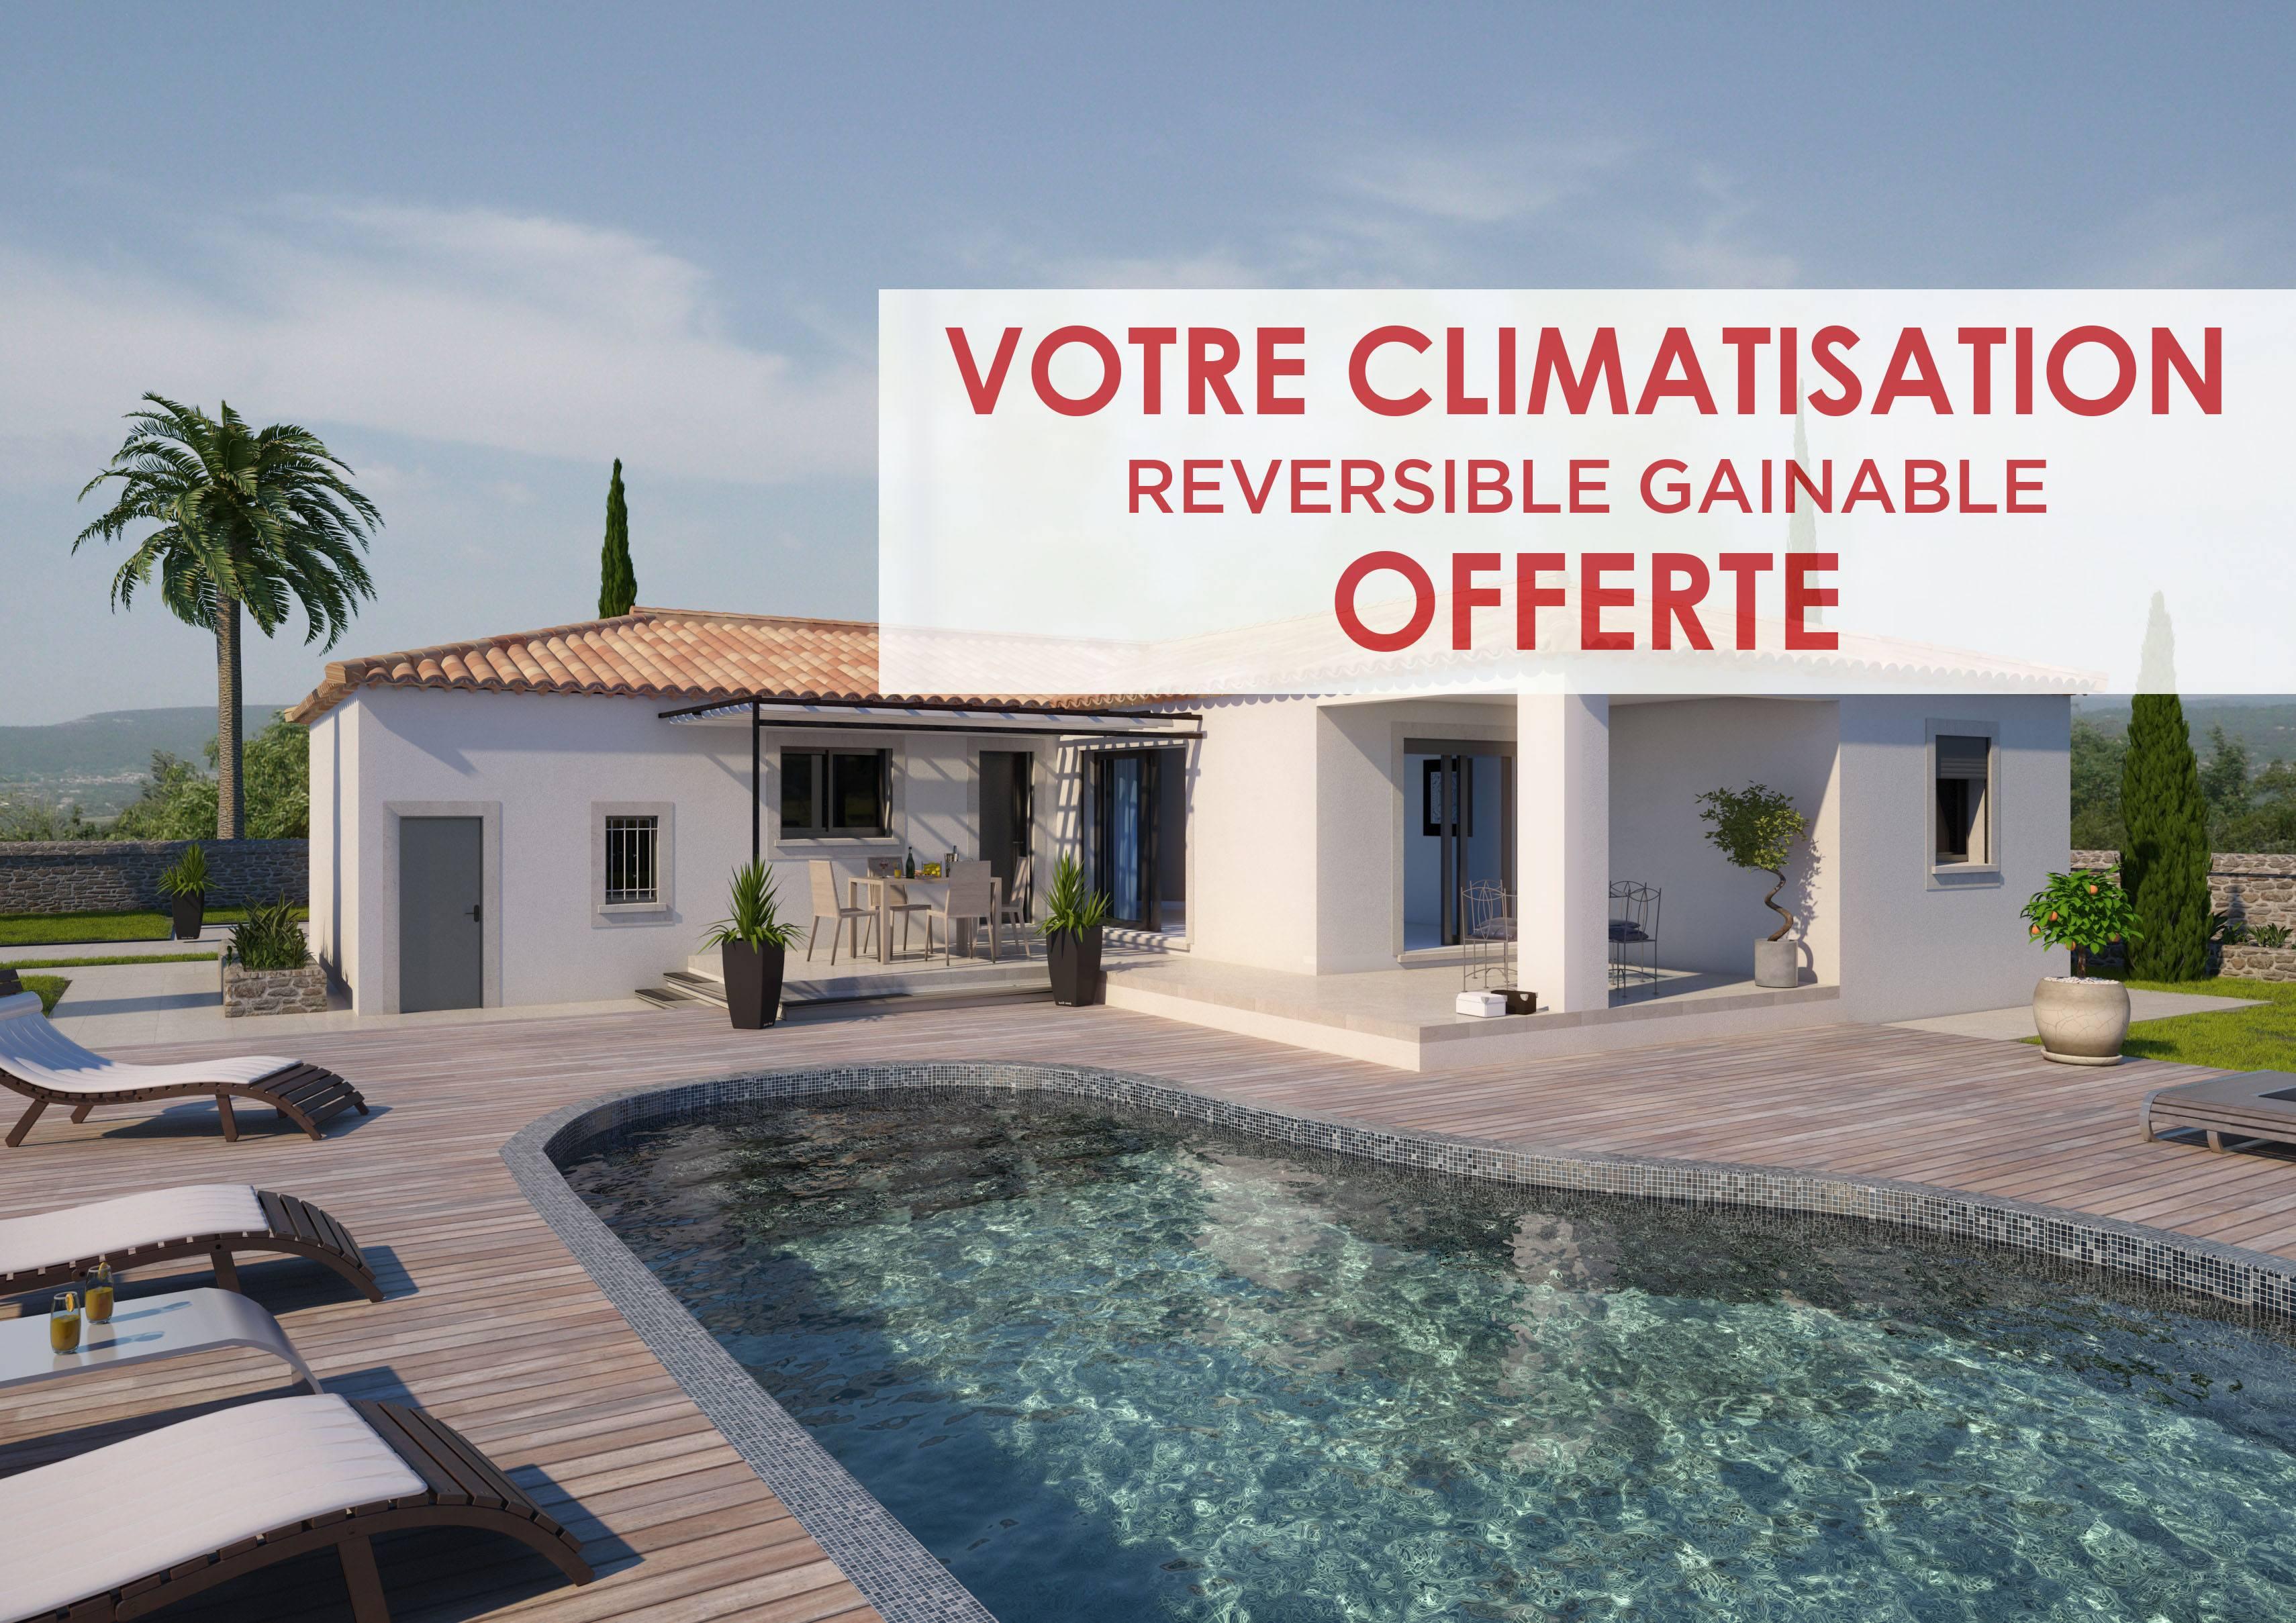 Maisons + Terrains du constructeur ART ET TRADITIONS MEDITERRANEE • 118 m² • NIMES